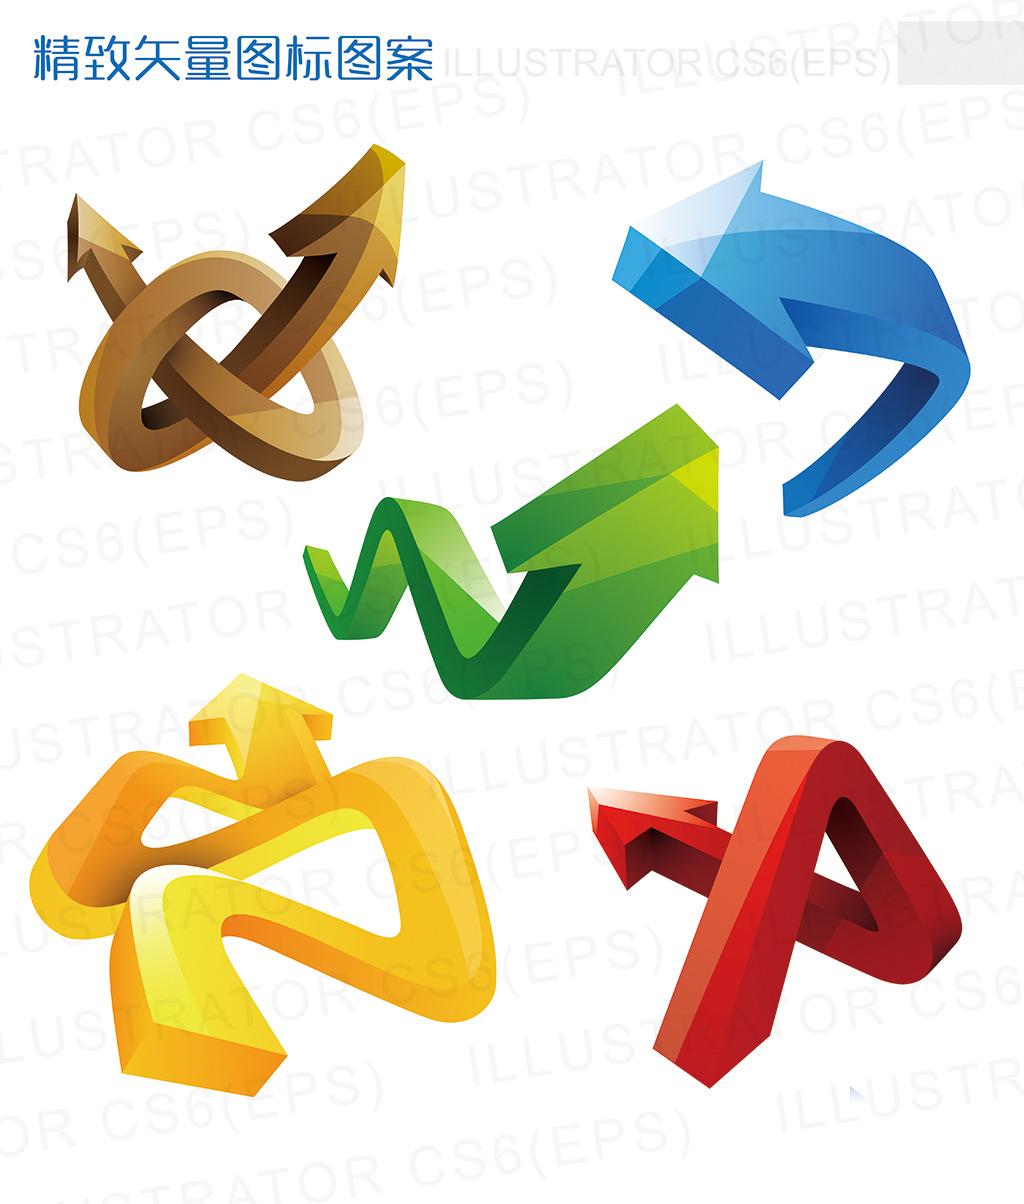 矢量箭头3d图标设计图片下载手机主题图标 扁平化图标按钮图标 餐饮图片